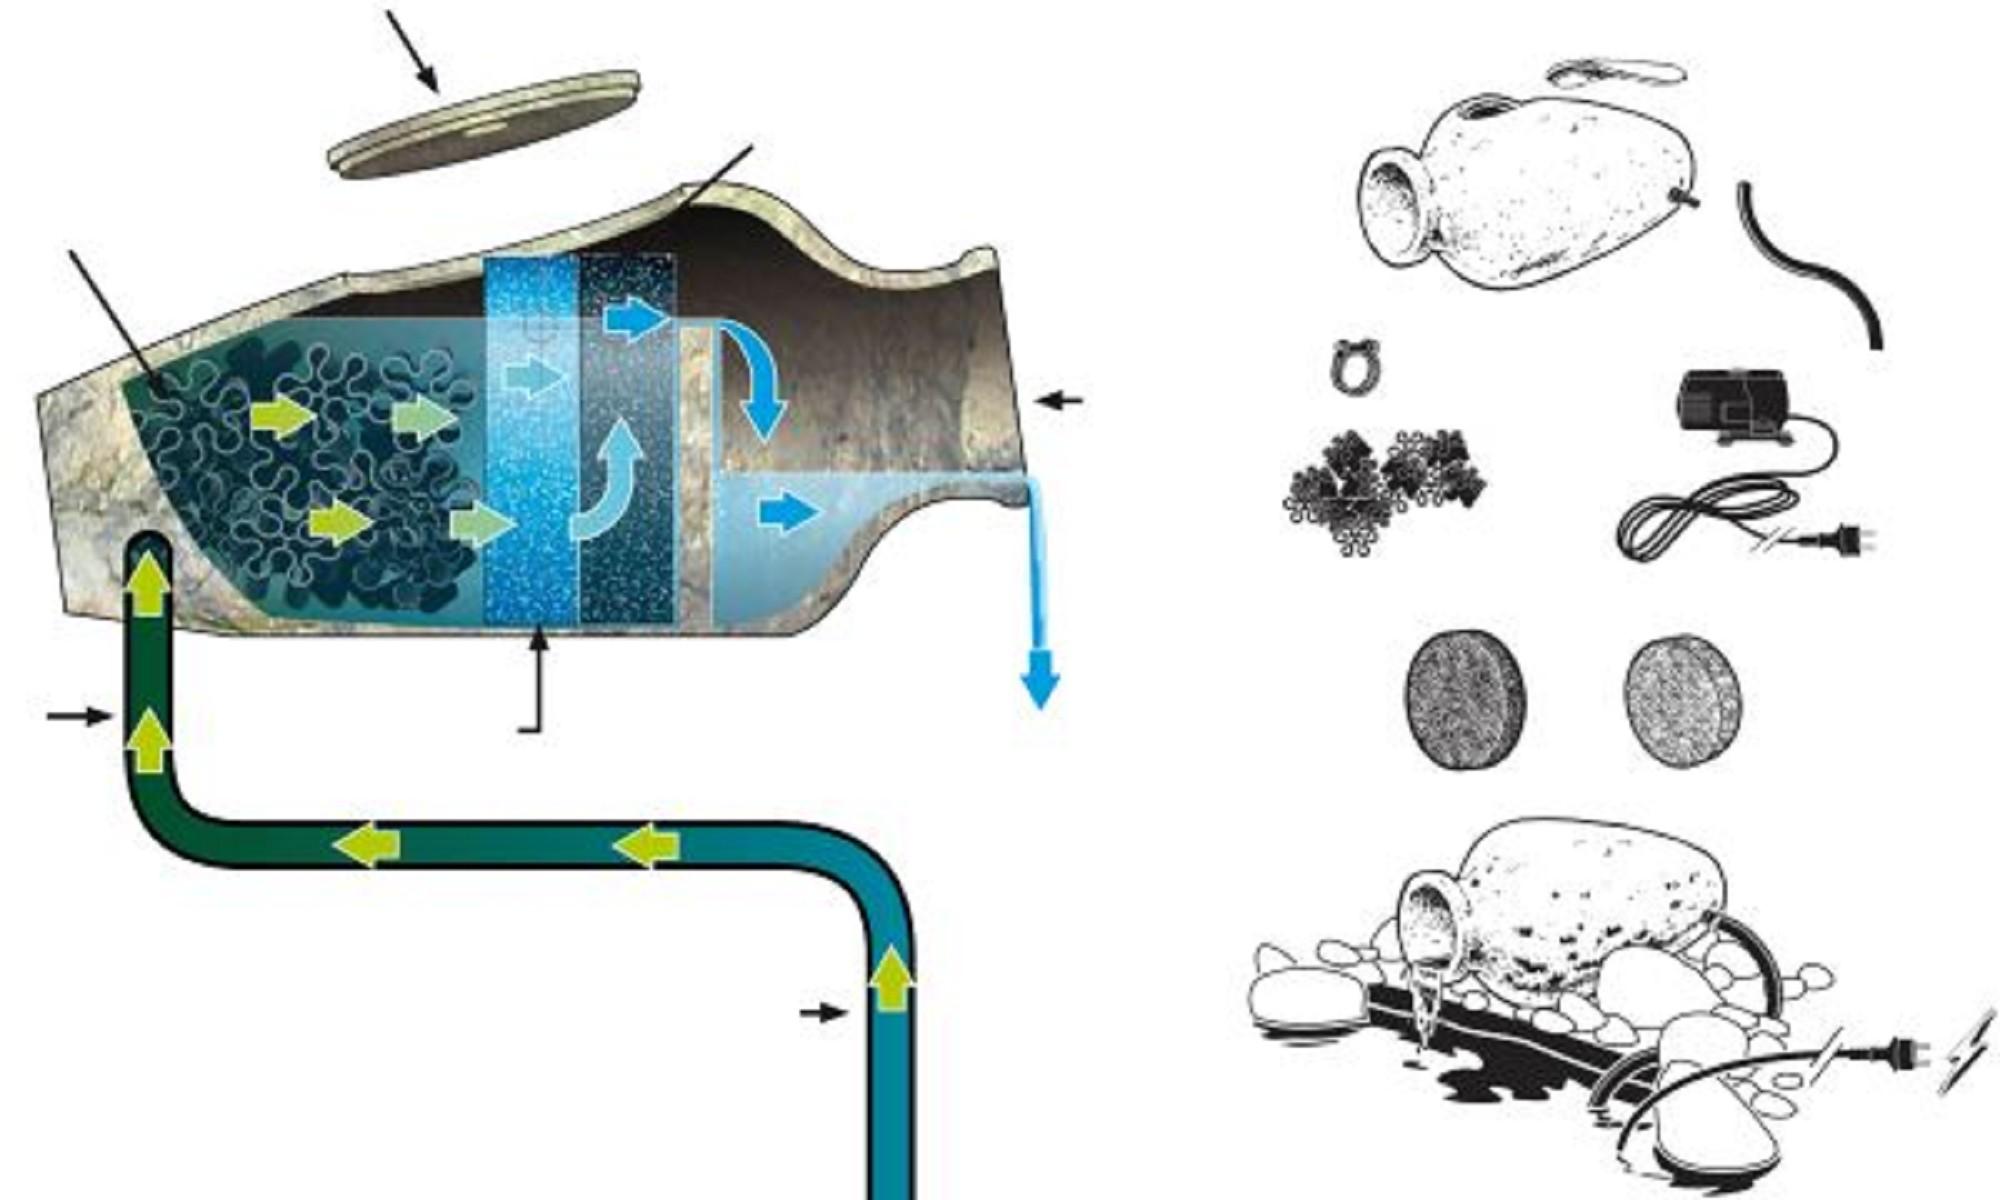 miniteiche und wasserspiele miniteiche und wasserspiele von siegfried stein buch buch. Black Bedroom Furniture Sets. Home Design Ideas